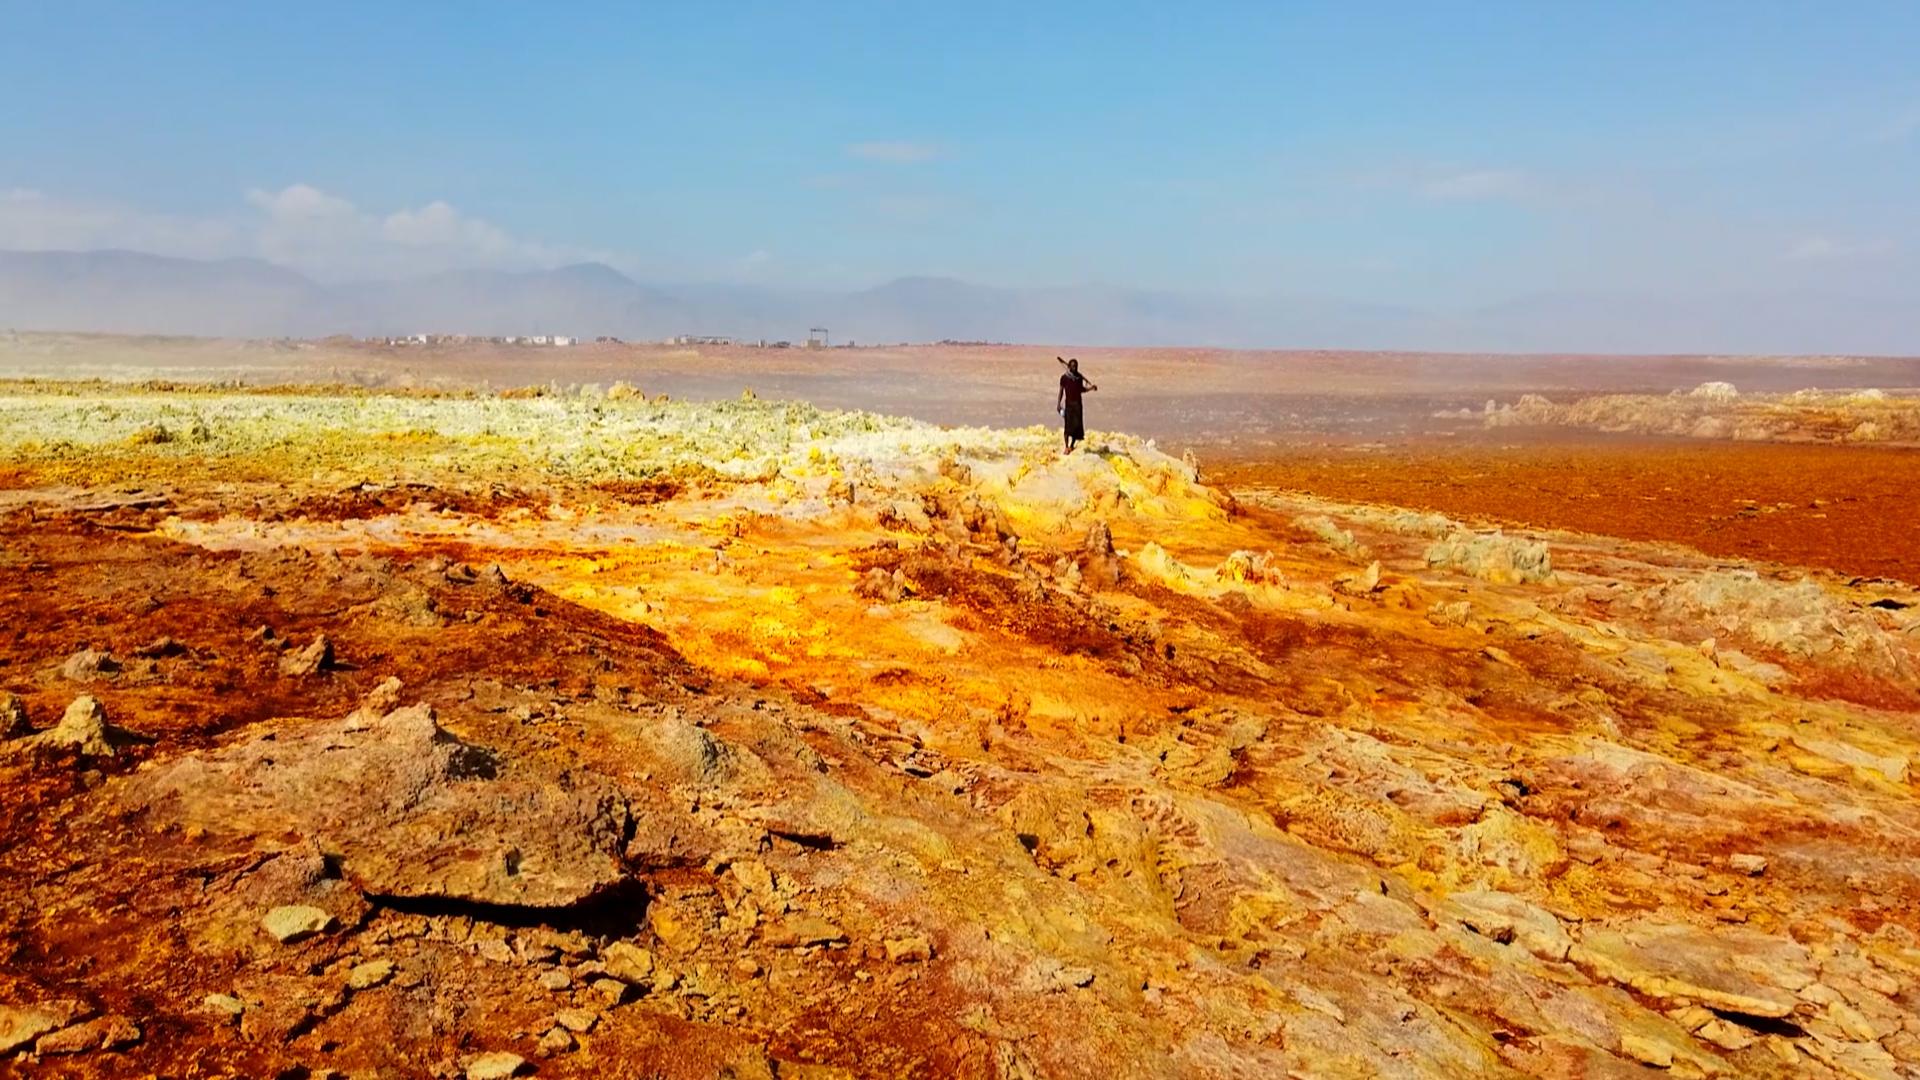 Далол е разположен в района Афар в северната част на Етиопия близо до границата с Еритрея - и е най-горещото населено място на Земята. Температурите варират от 25 до над 50° С.